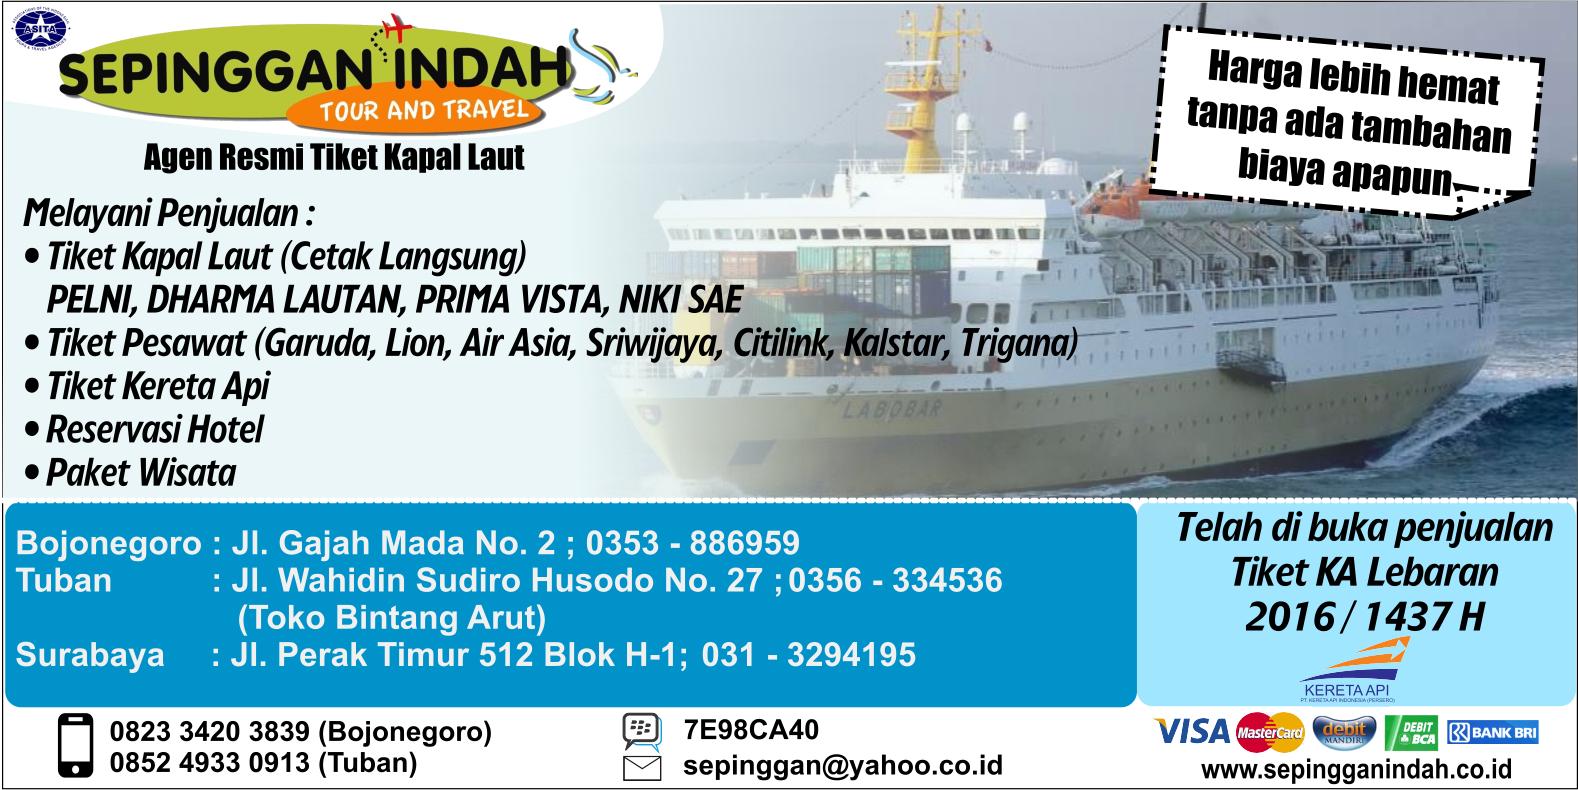 Agen Tiket Kapal Laut Di Surabaya Tiket Kapal Laut Online